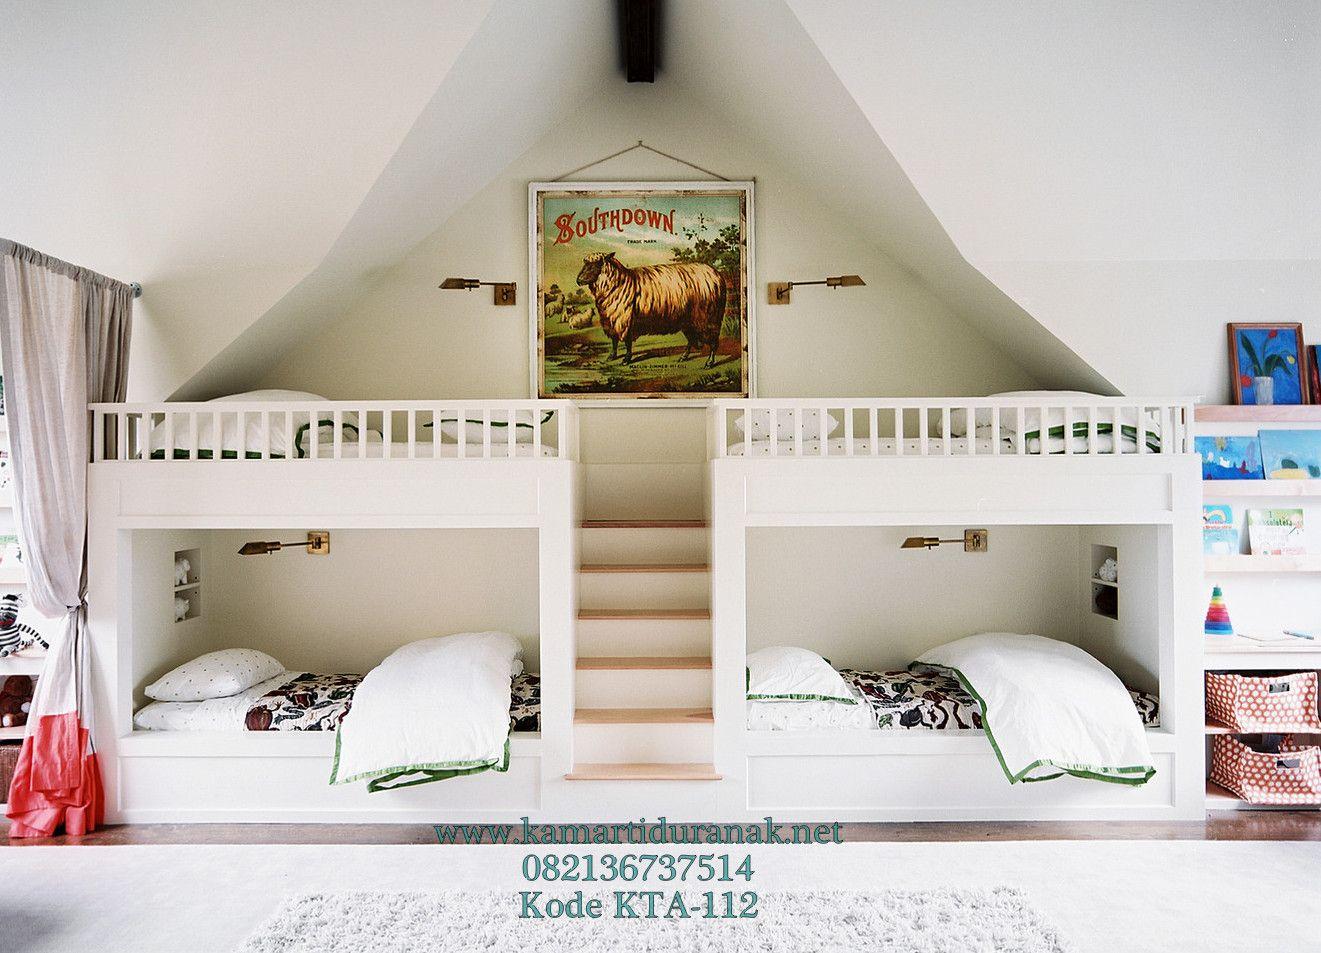 Konsep Tempat Tidur Tingkat Modern 4 Ranjang Dekorasi Interior